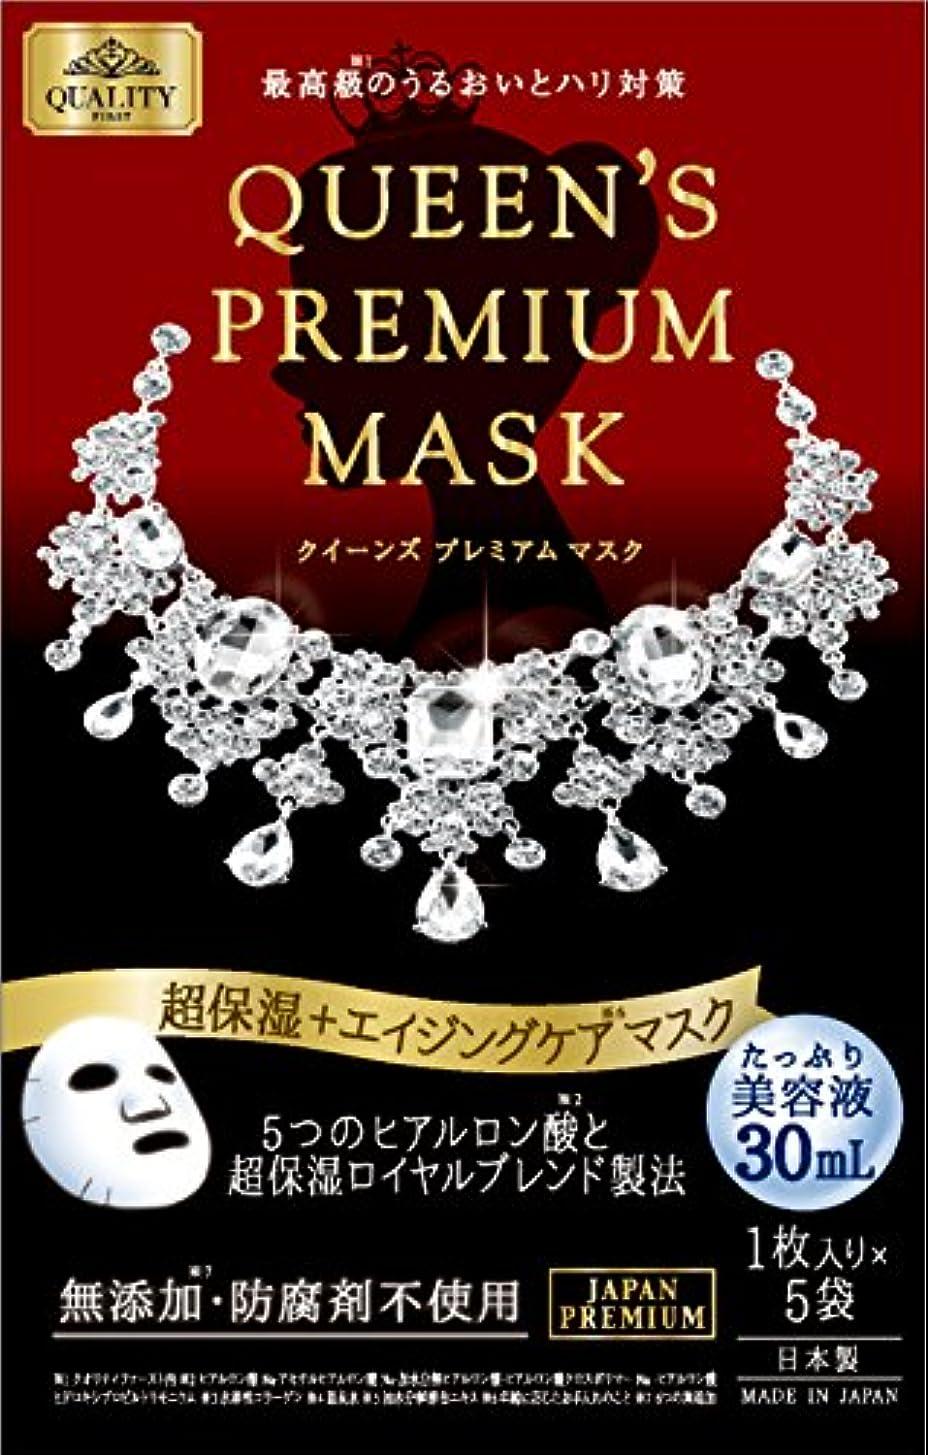 ジャベスウィルソン松いつでもクイーンズプレミアムマスク 超保湿マスク 5枚入